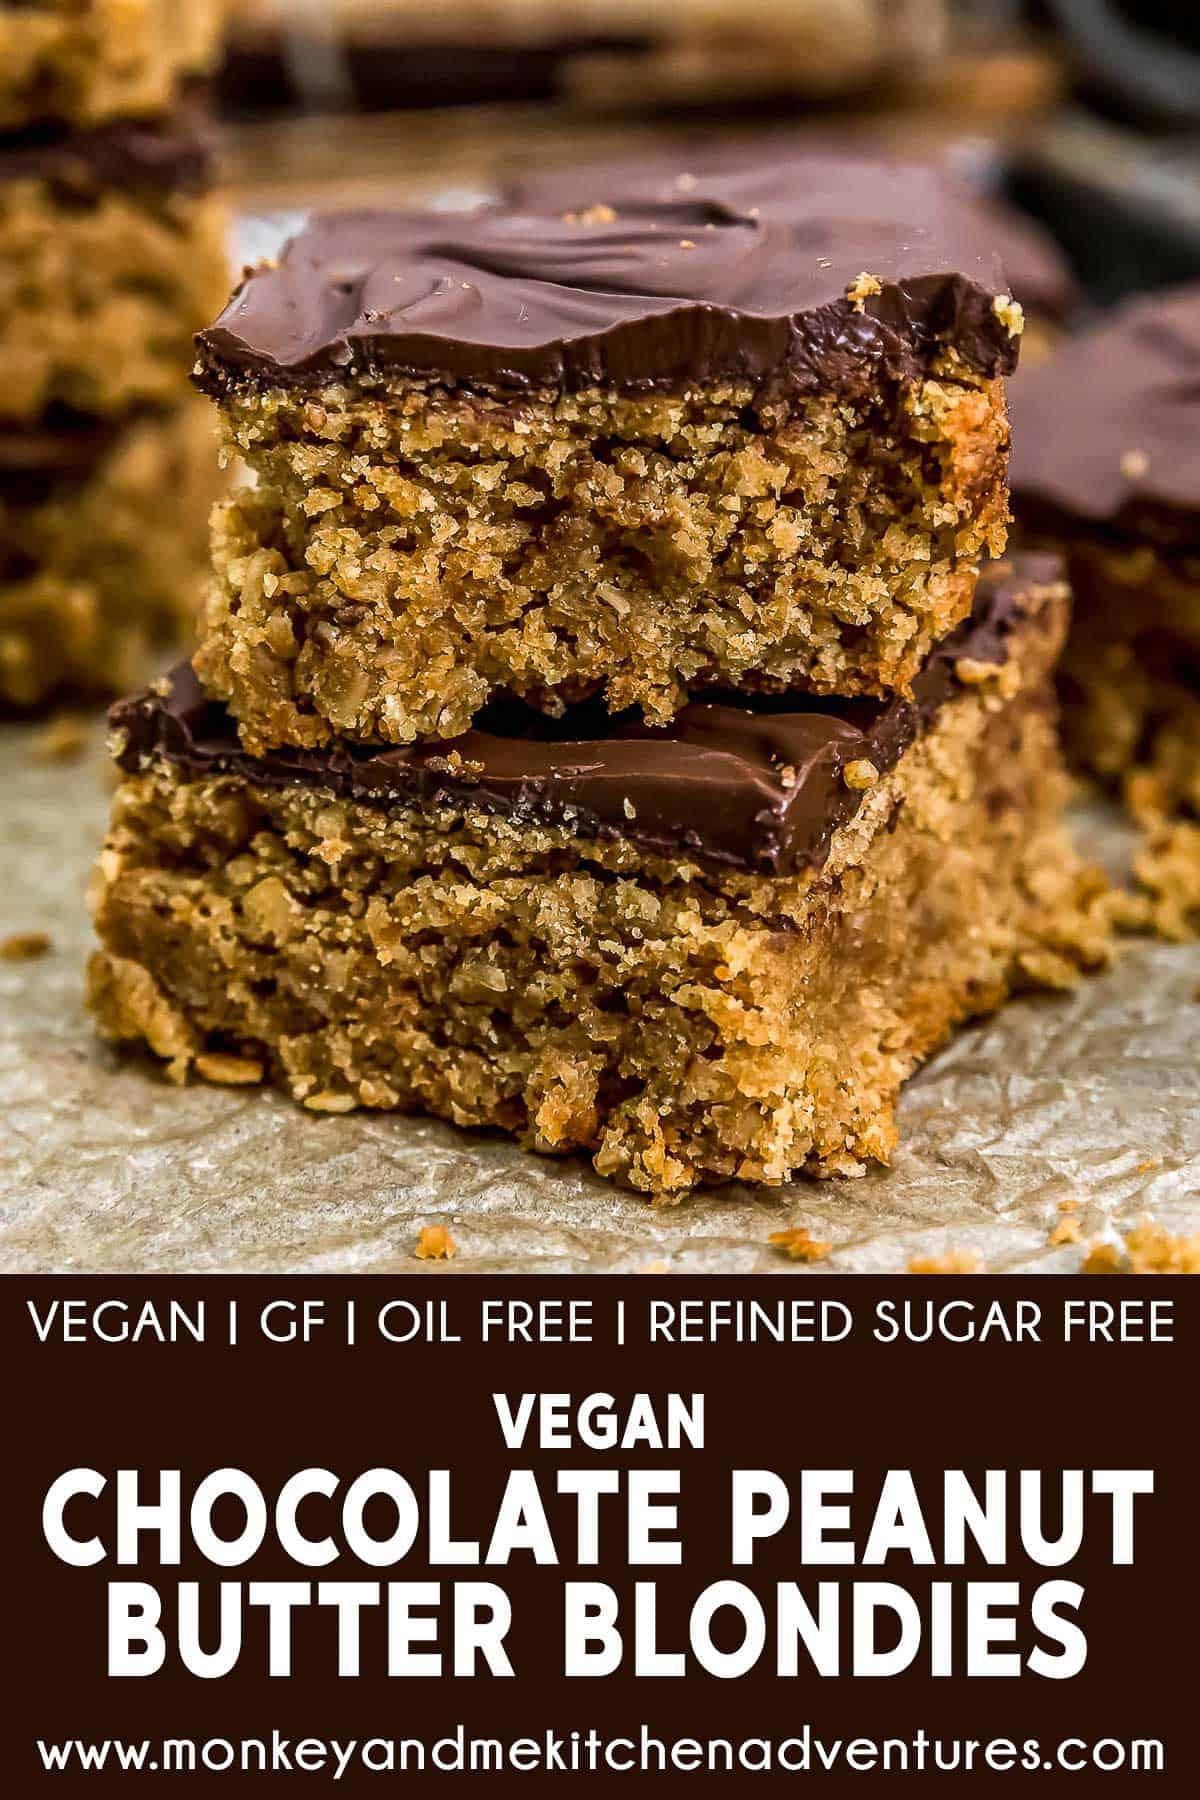 Vegan Chocolate Peanut Butter Blondies with text description